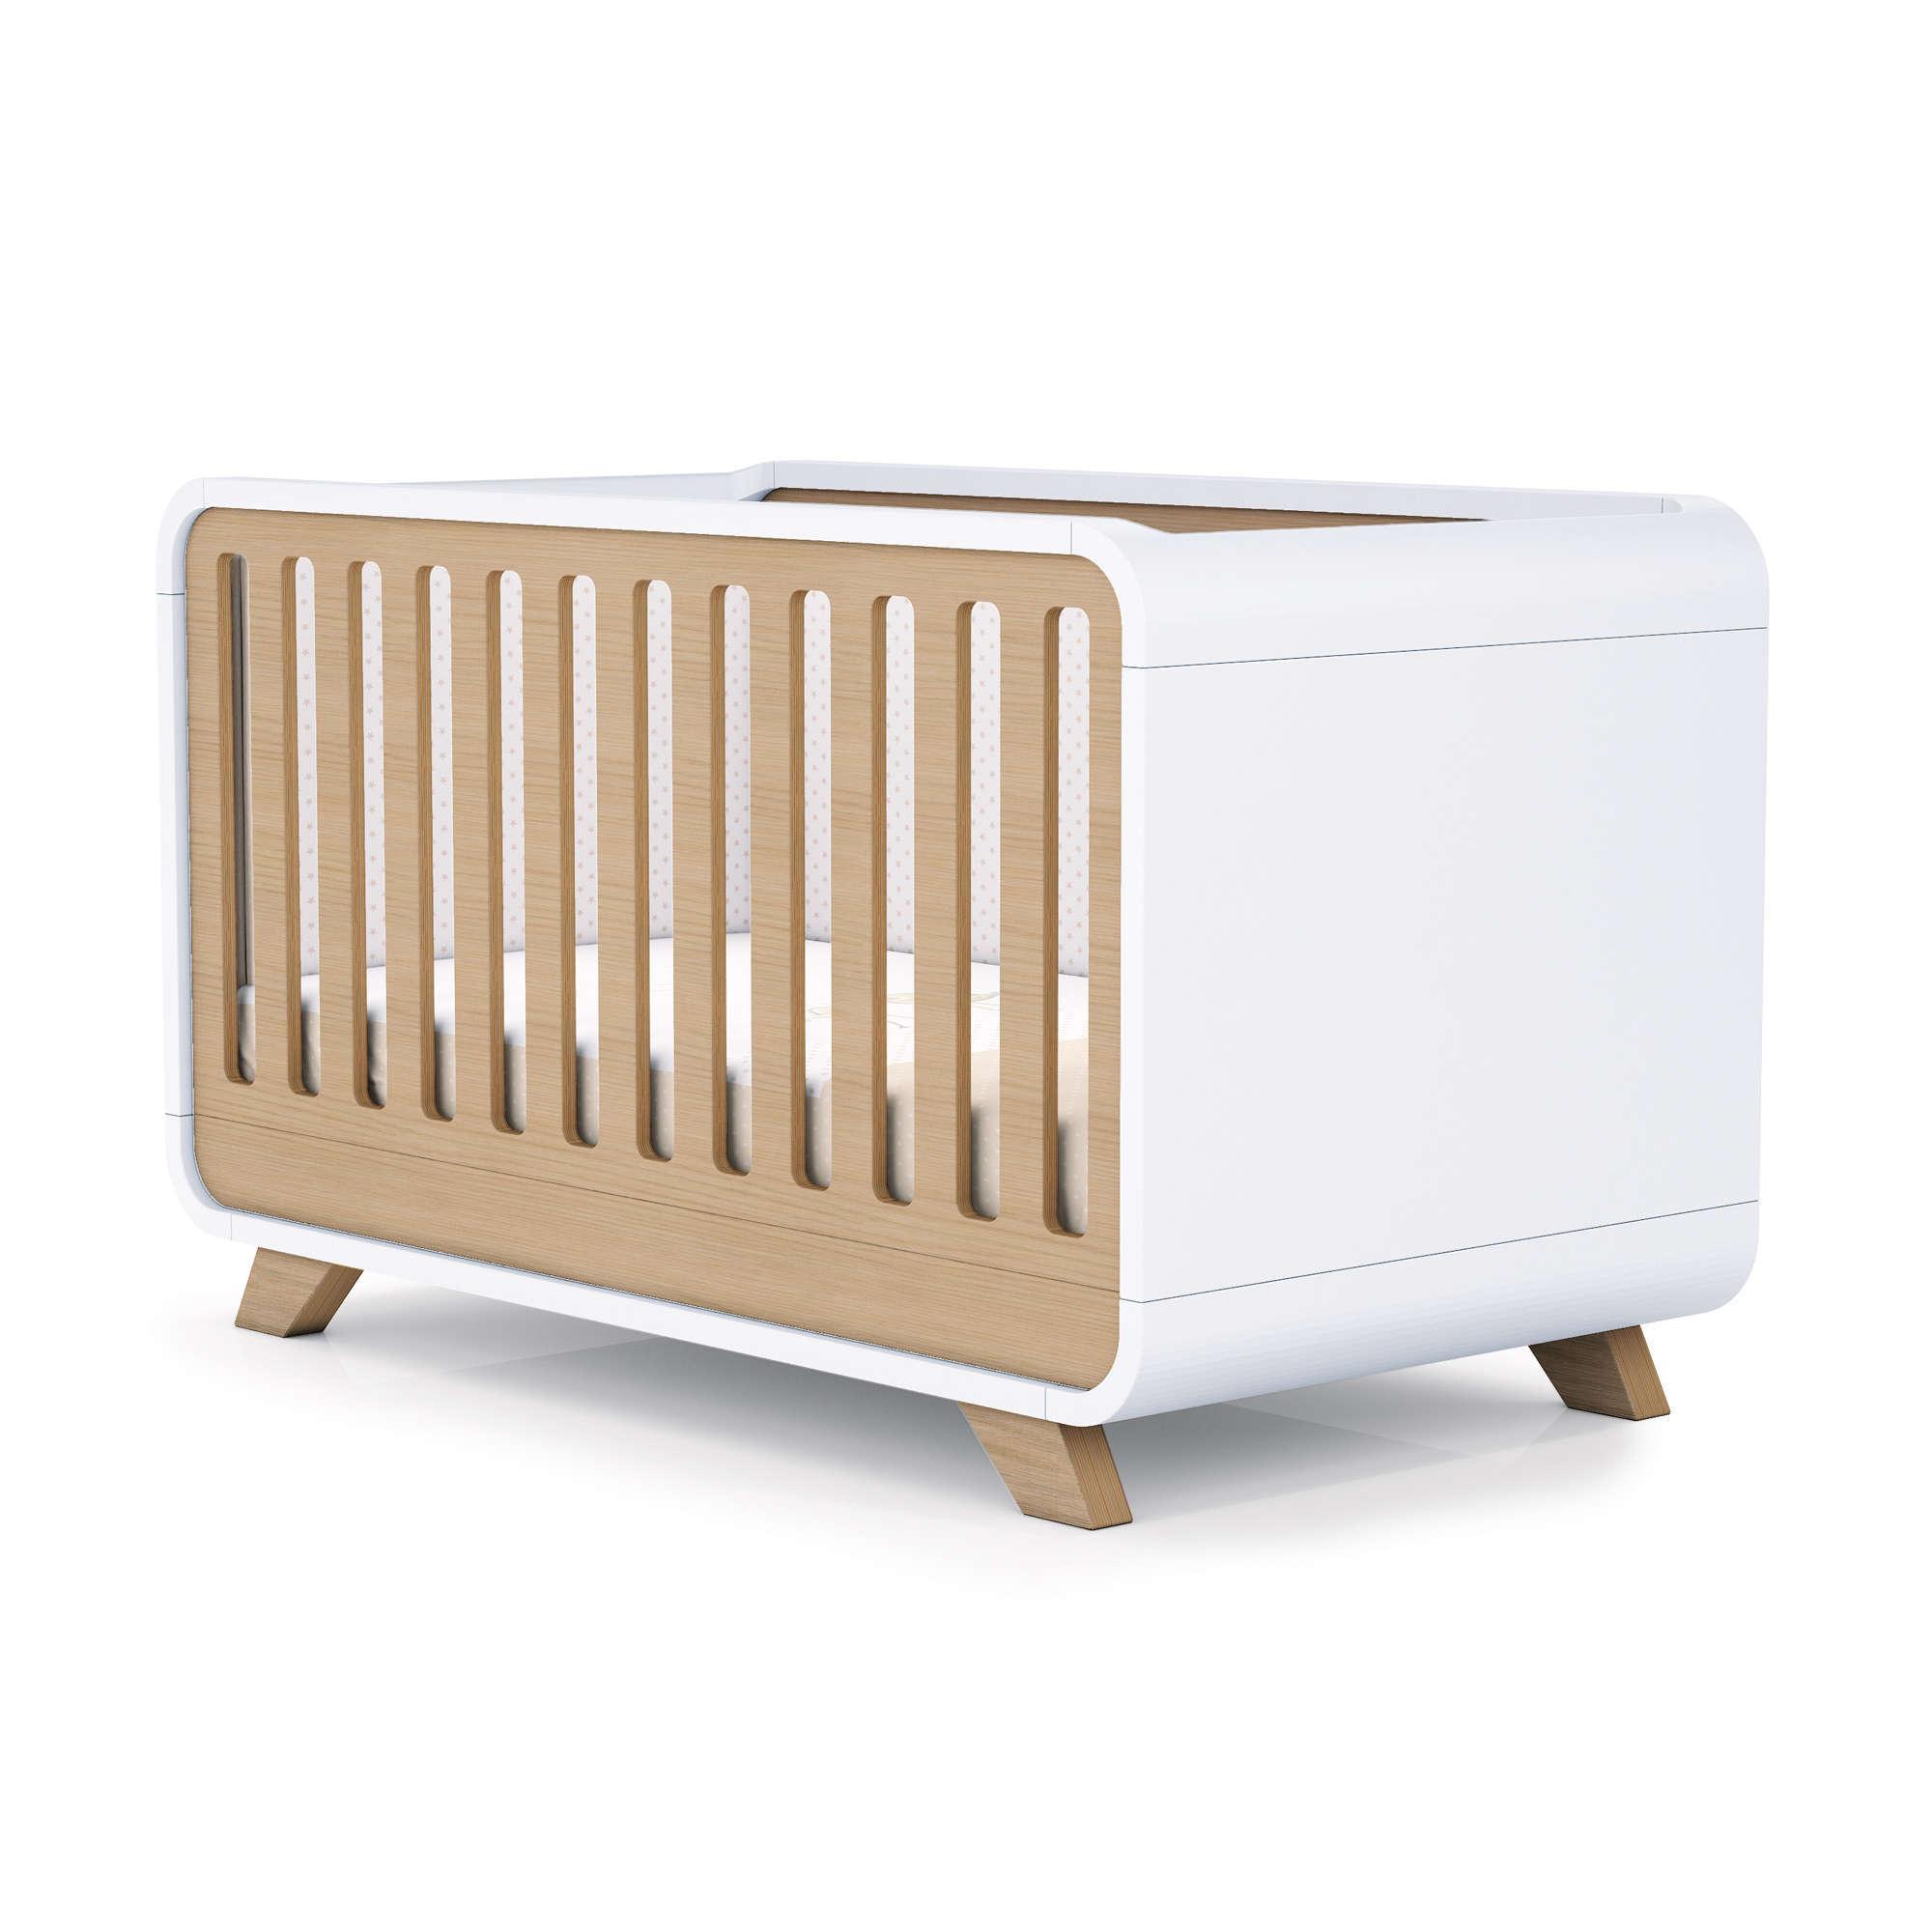 Cunas de madera para bebés tamaño 70x140cm